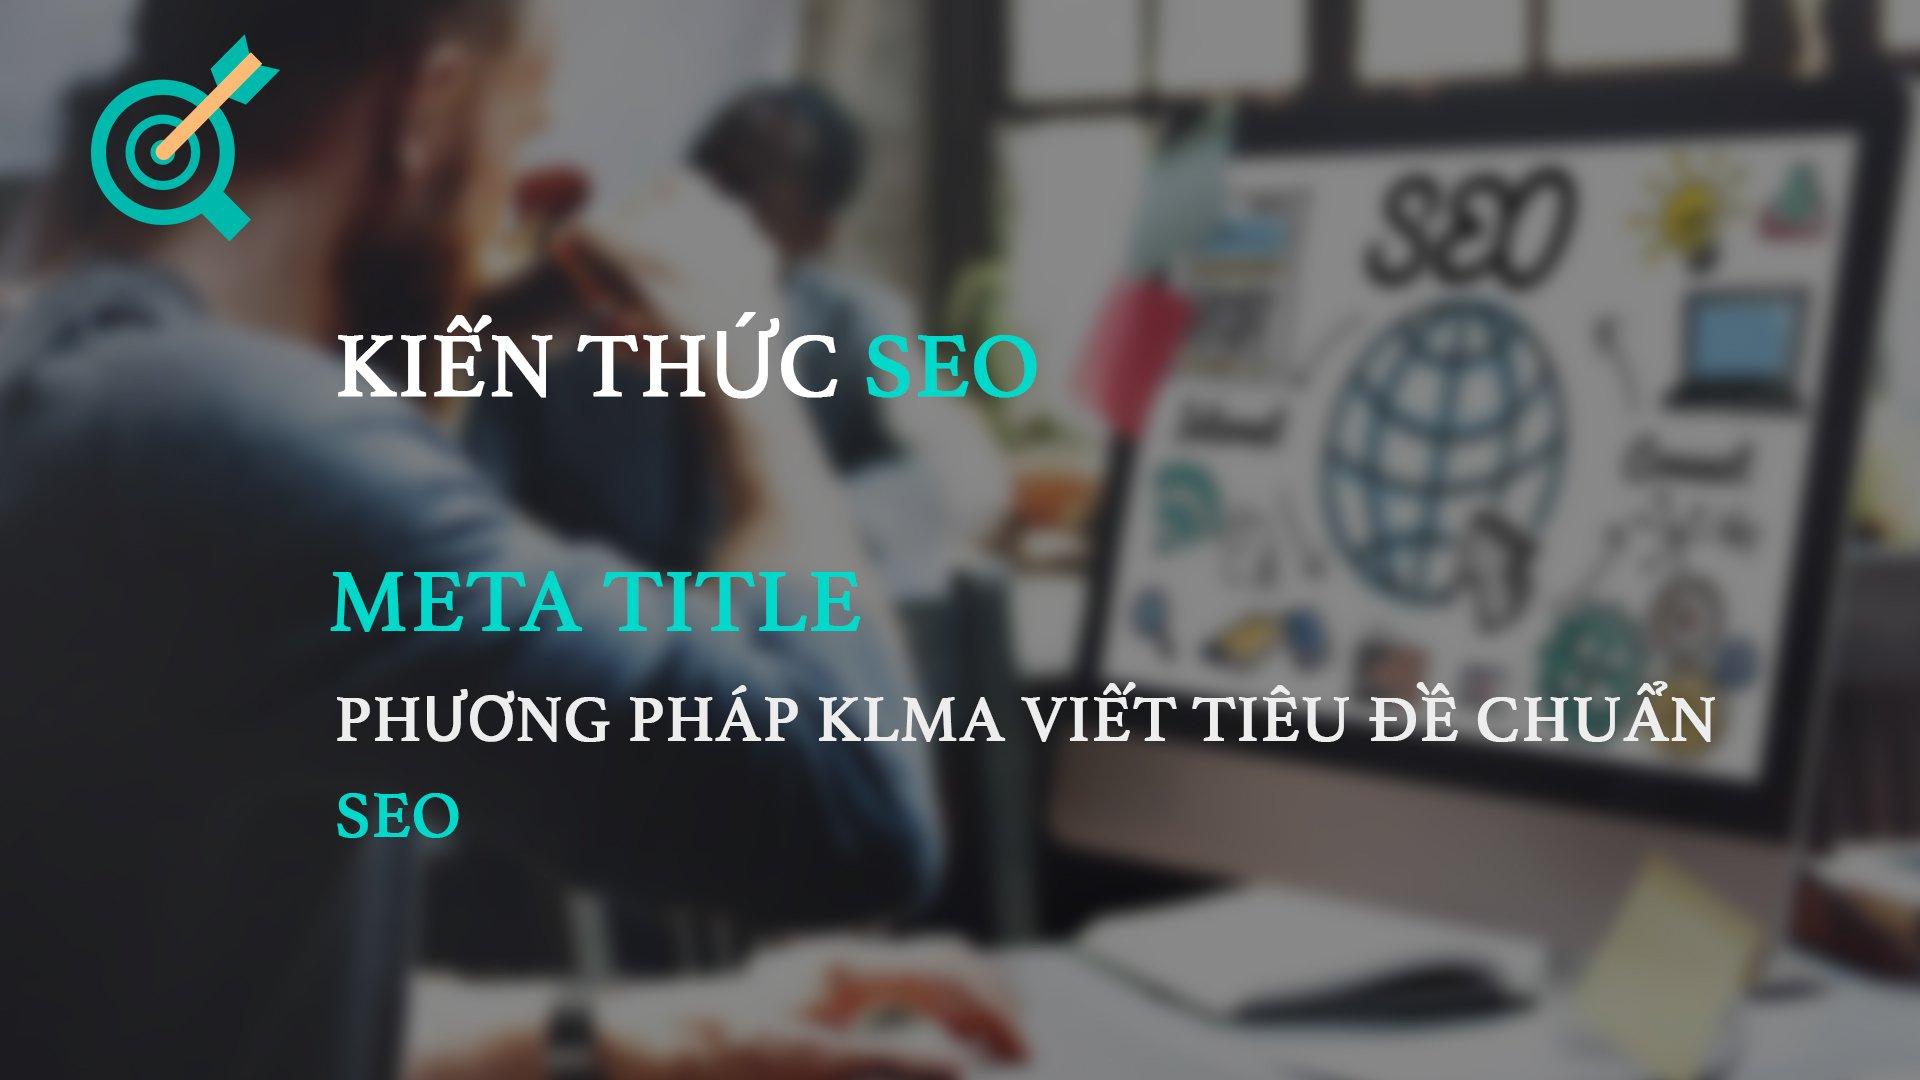 Meta title – Phương pháp KLMA viết tiêu đề chuẩn SEO